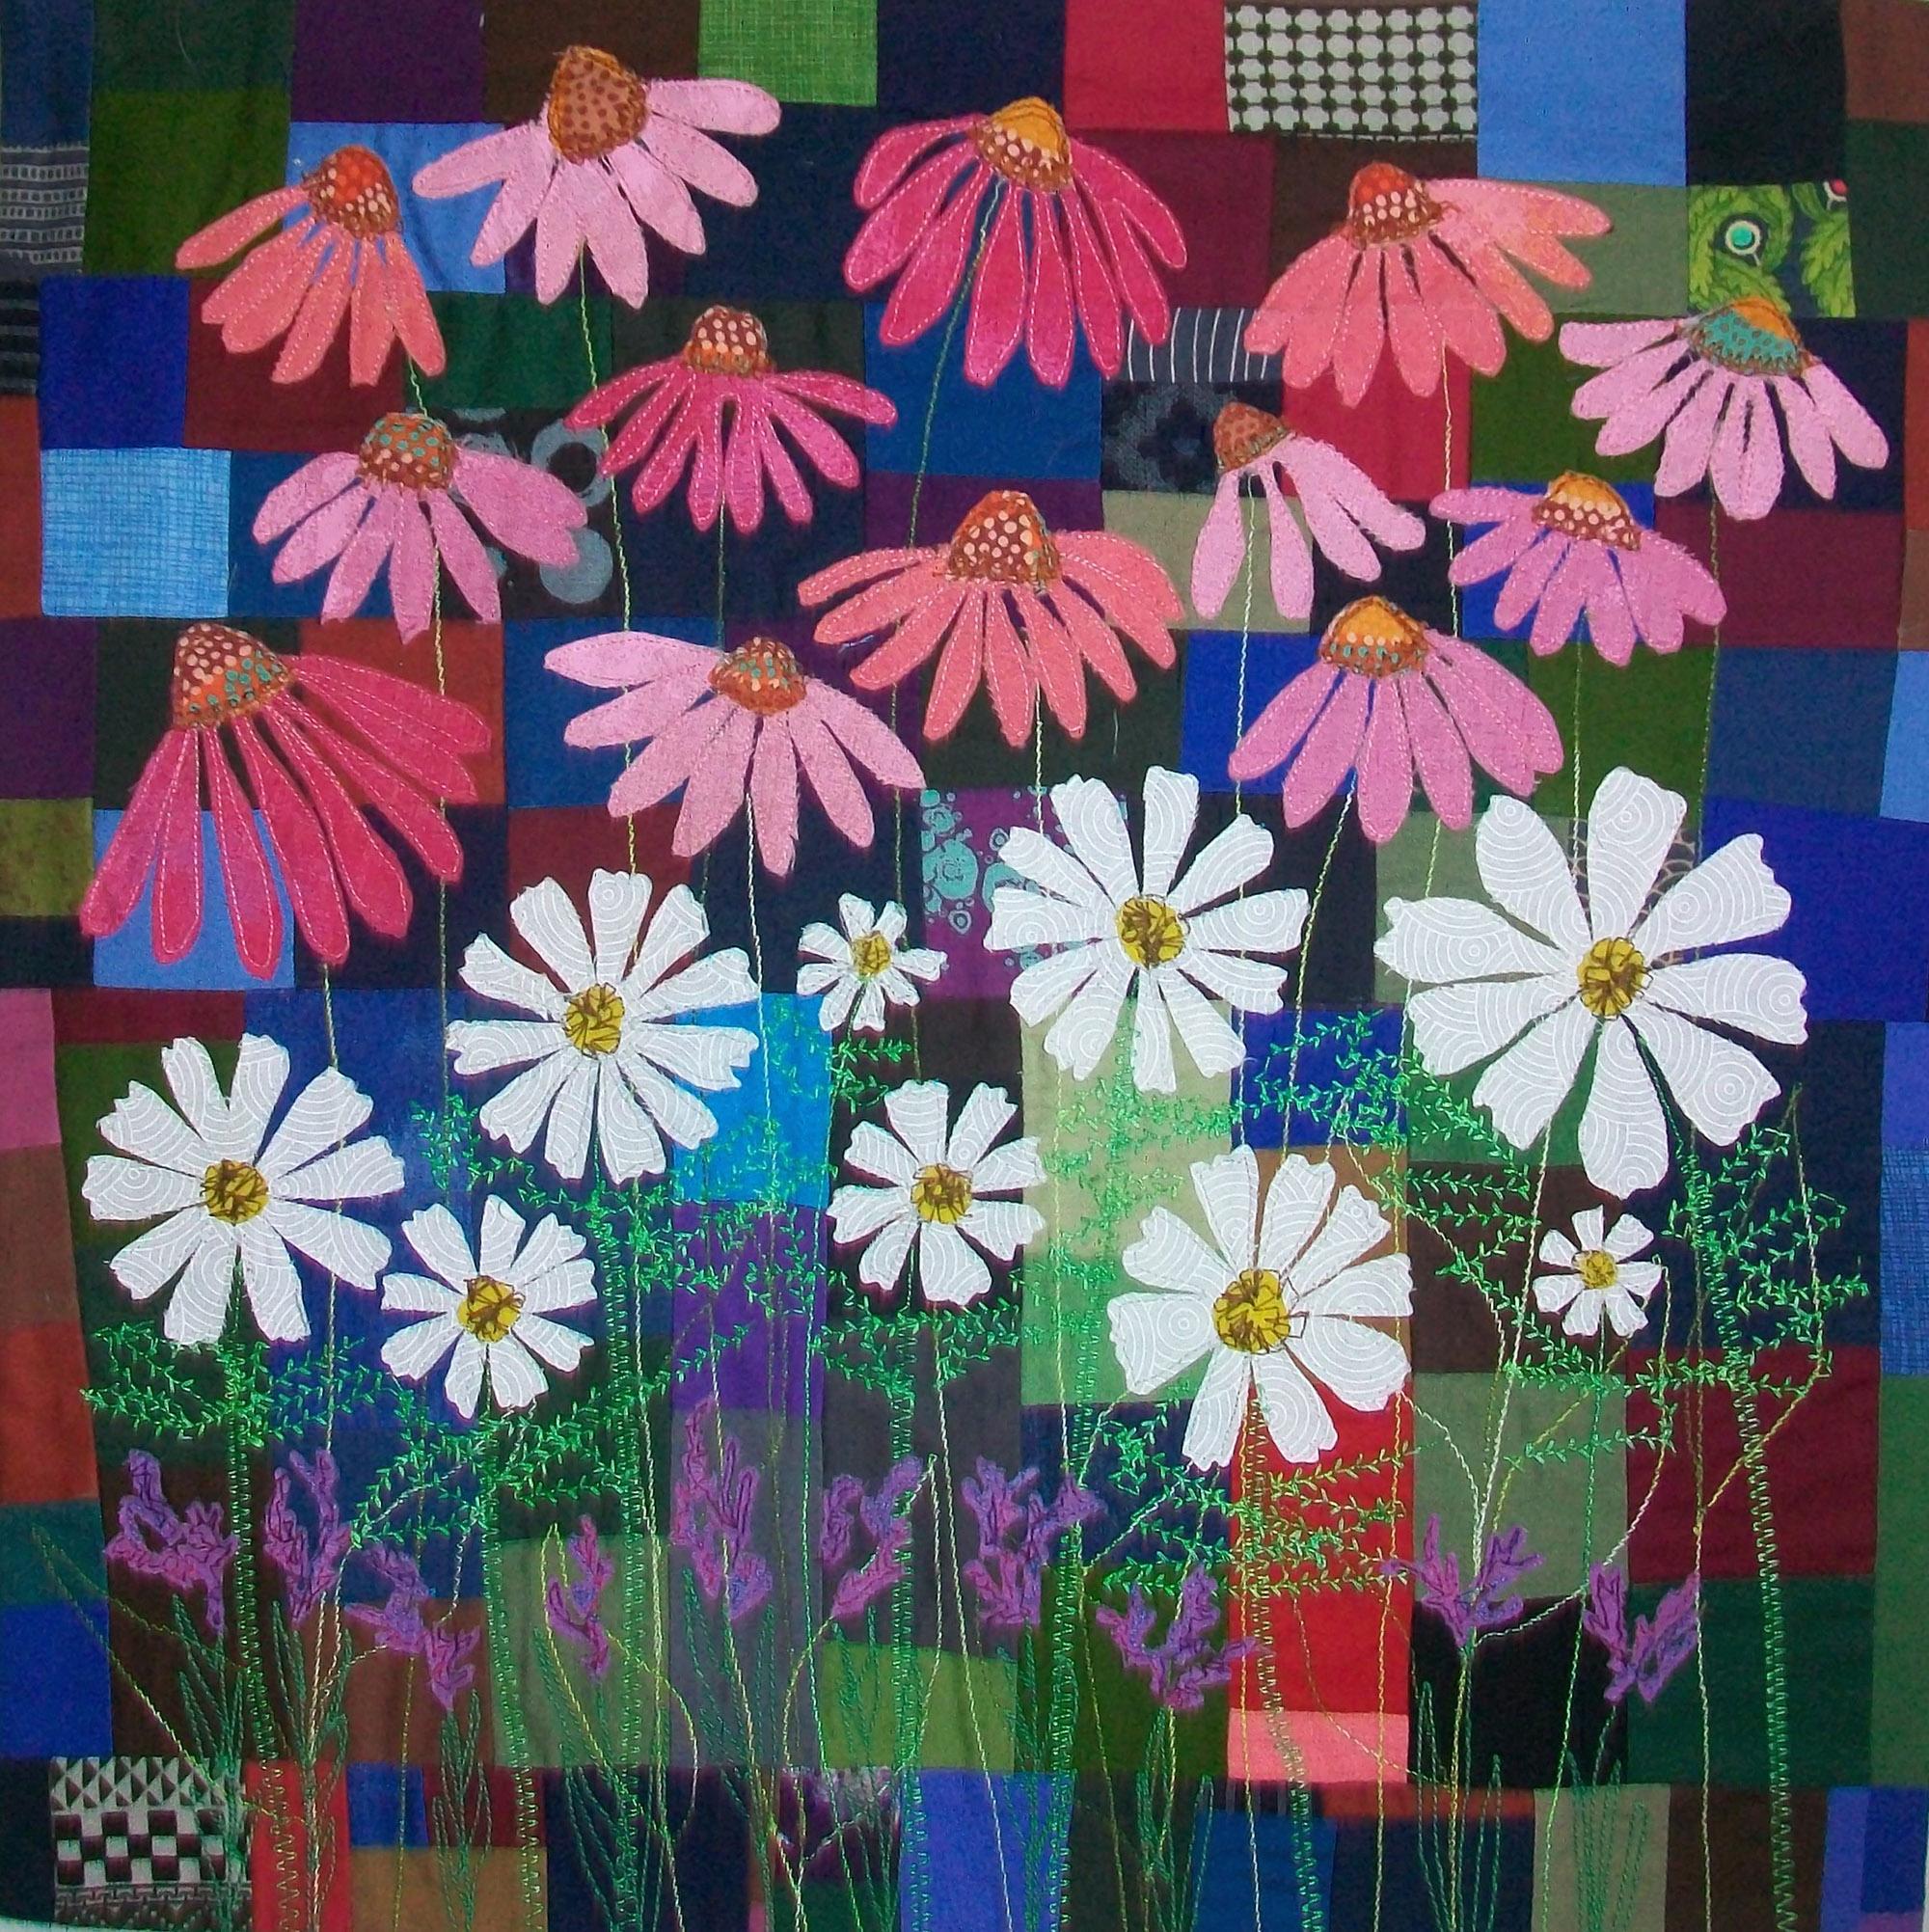 GRAND PRIZE, <em>My Garden</em>, Margaret Cibulsky, Port Washington, NY